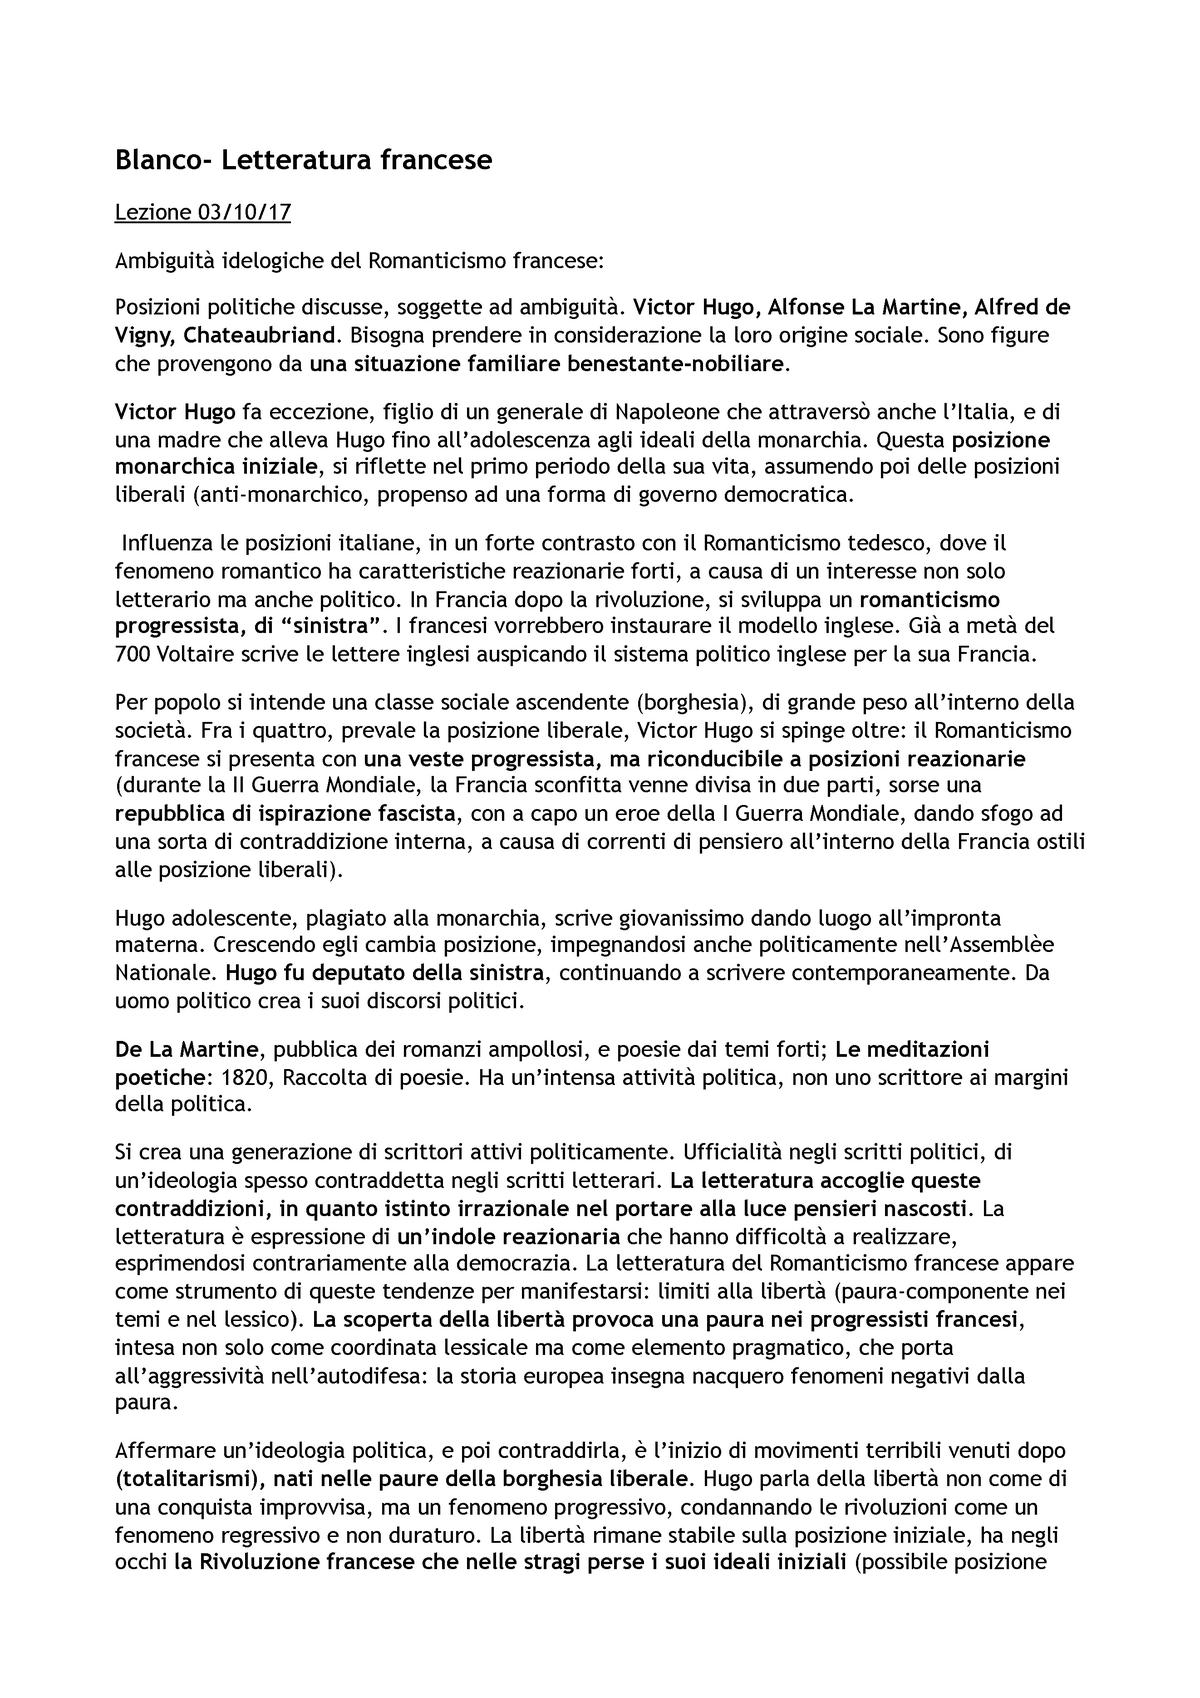 Alla Francese Posizione blanco - letteratura francese - 1026924 - uniroma1 - studocu